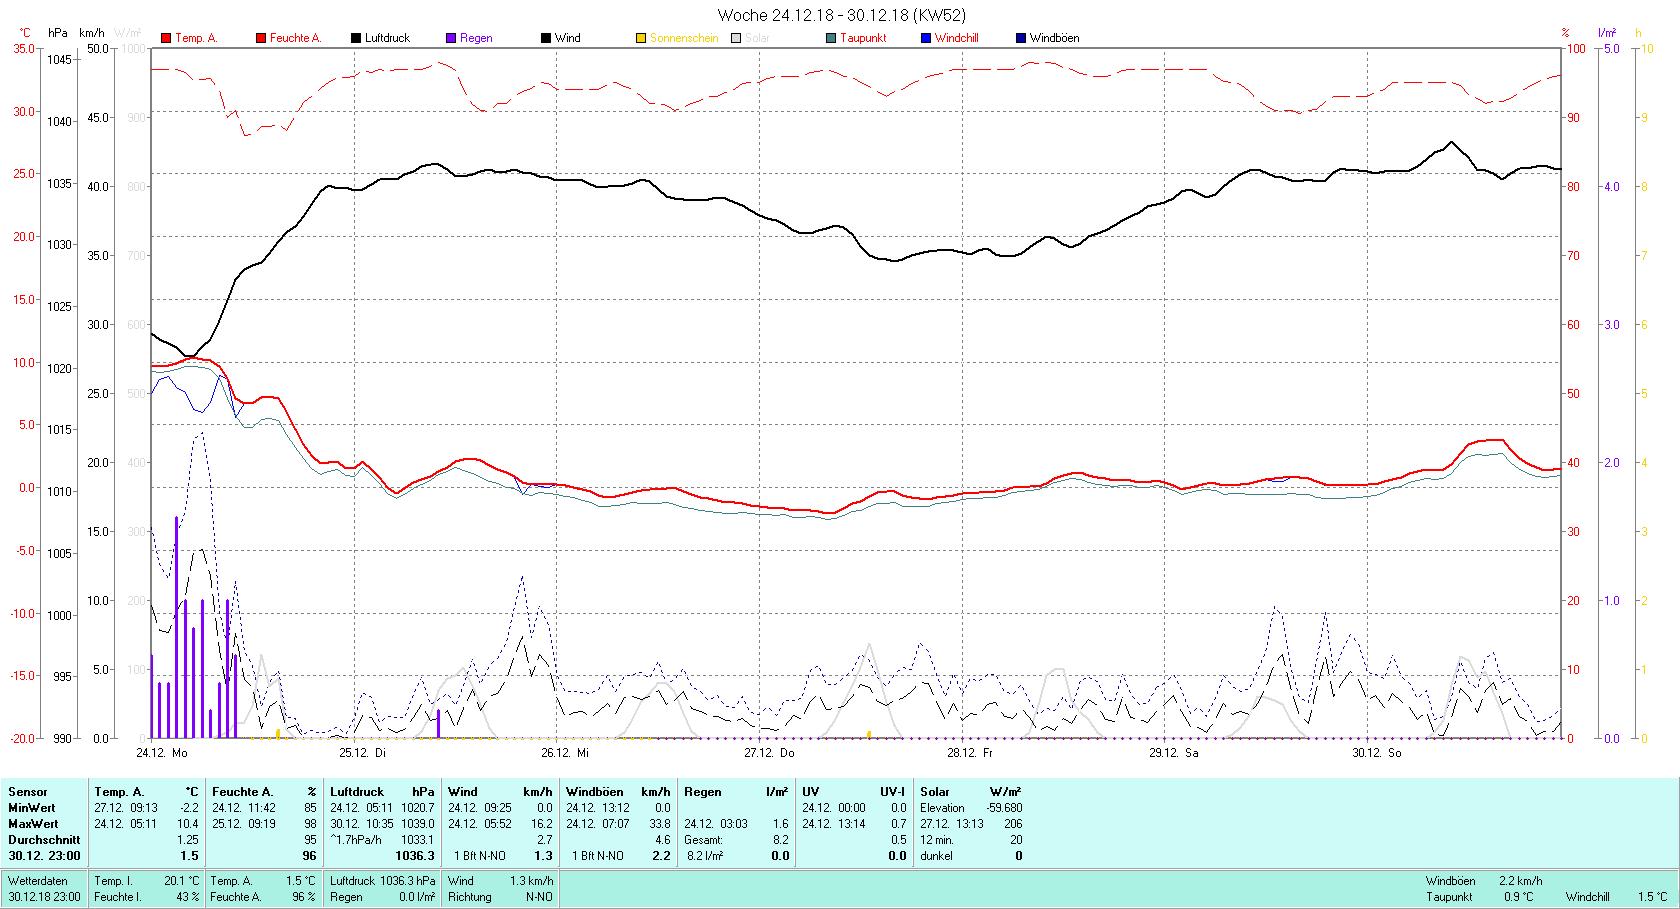 KW 52 Tmin -2.2°C, Tmax 10.4°C, Sonne 0:12 h Niederschlag 8.2 mm2